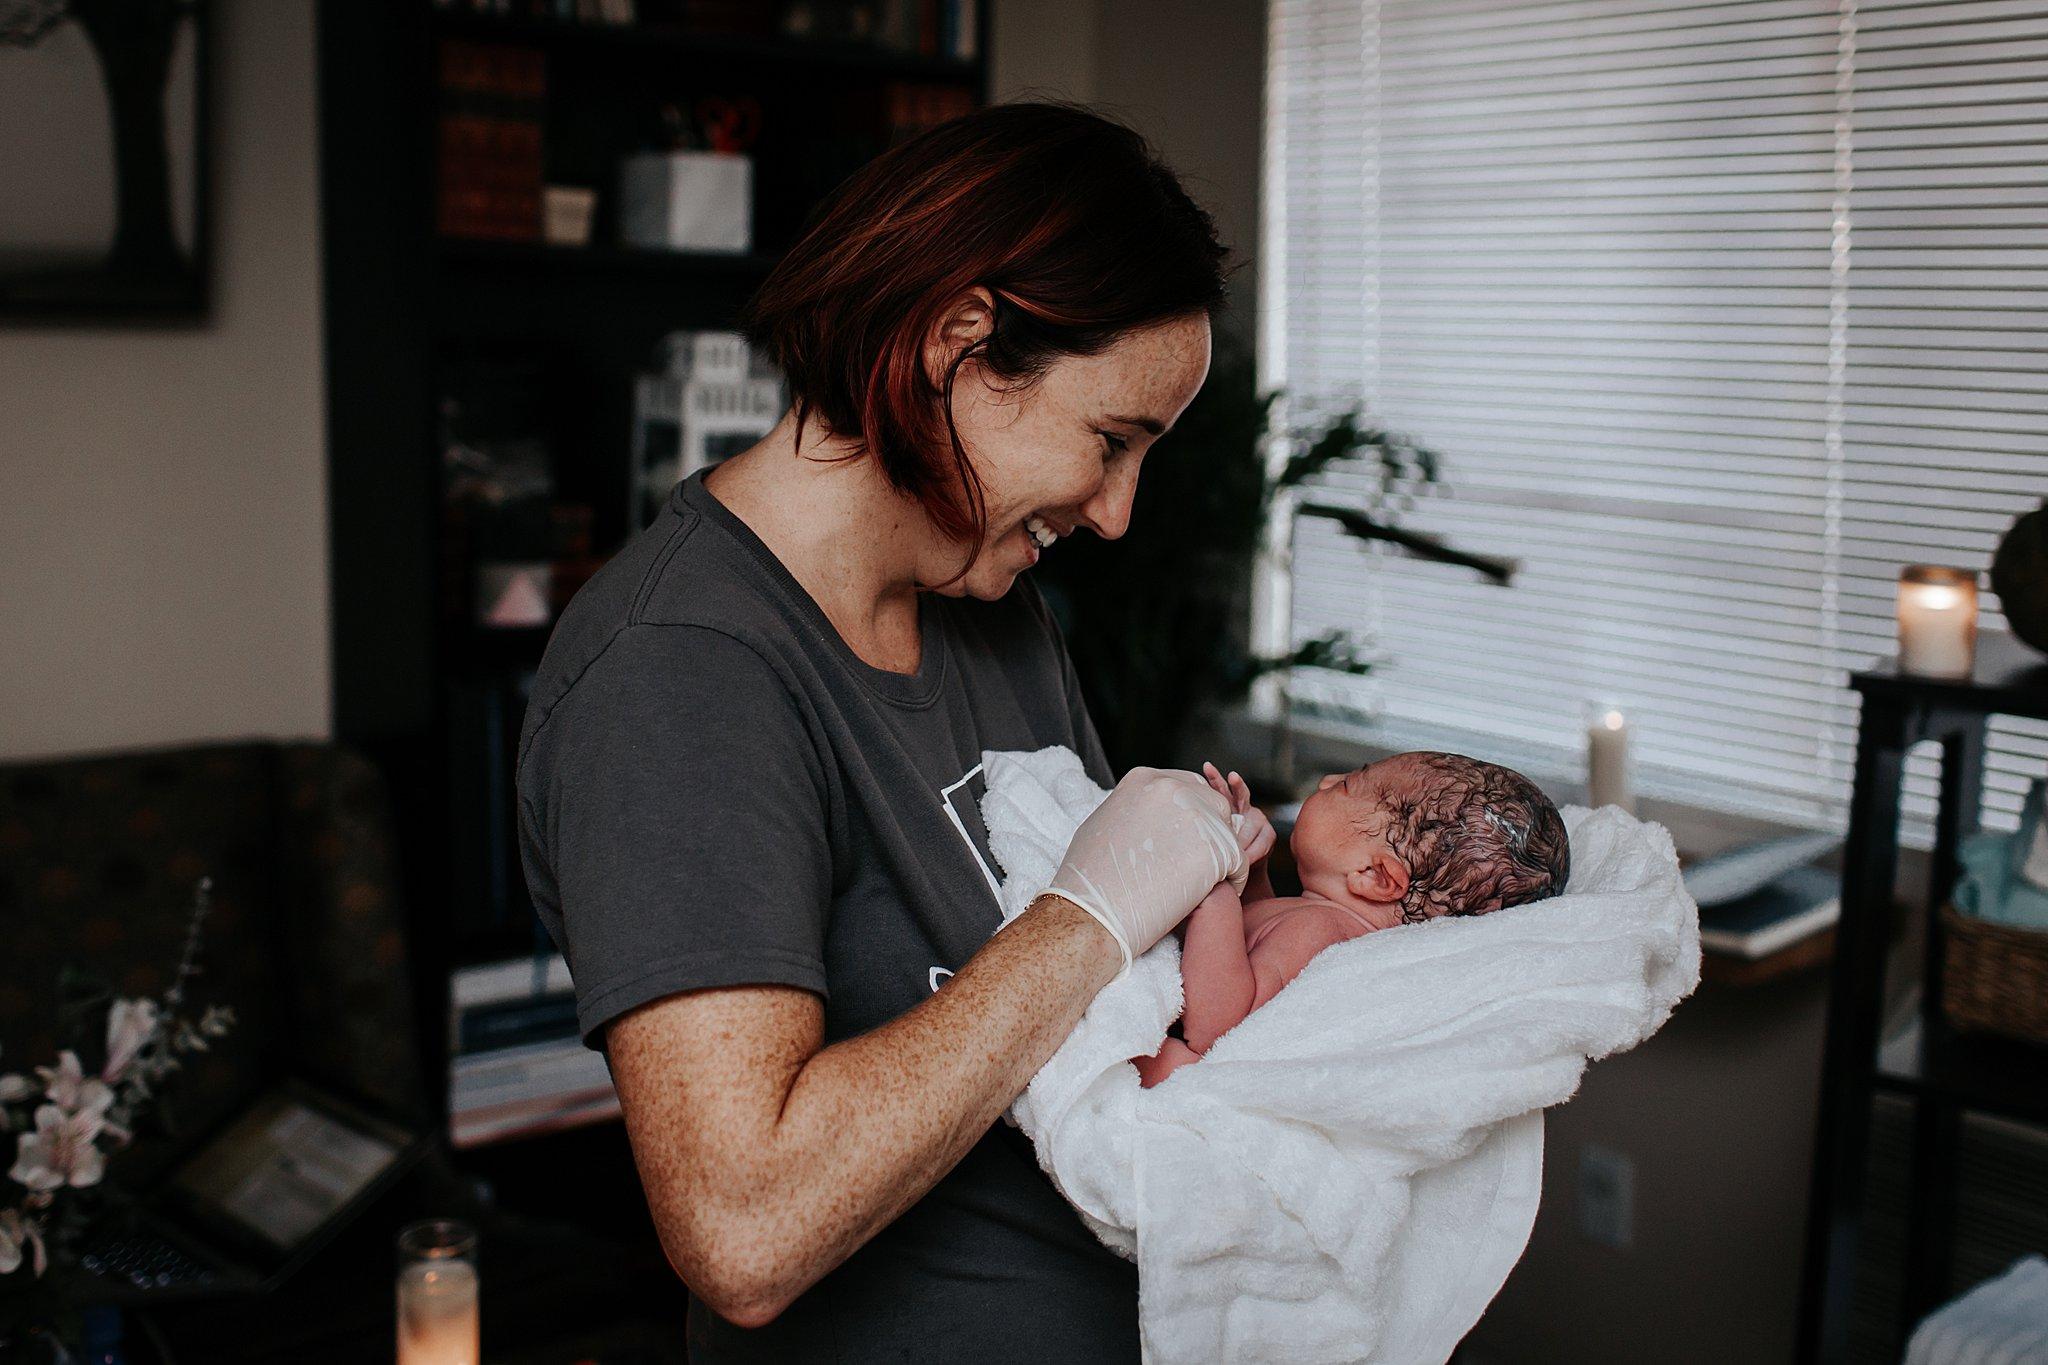 Gemma-San-Antonio-Birth-Photographer-217_WEB.jpg